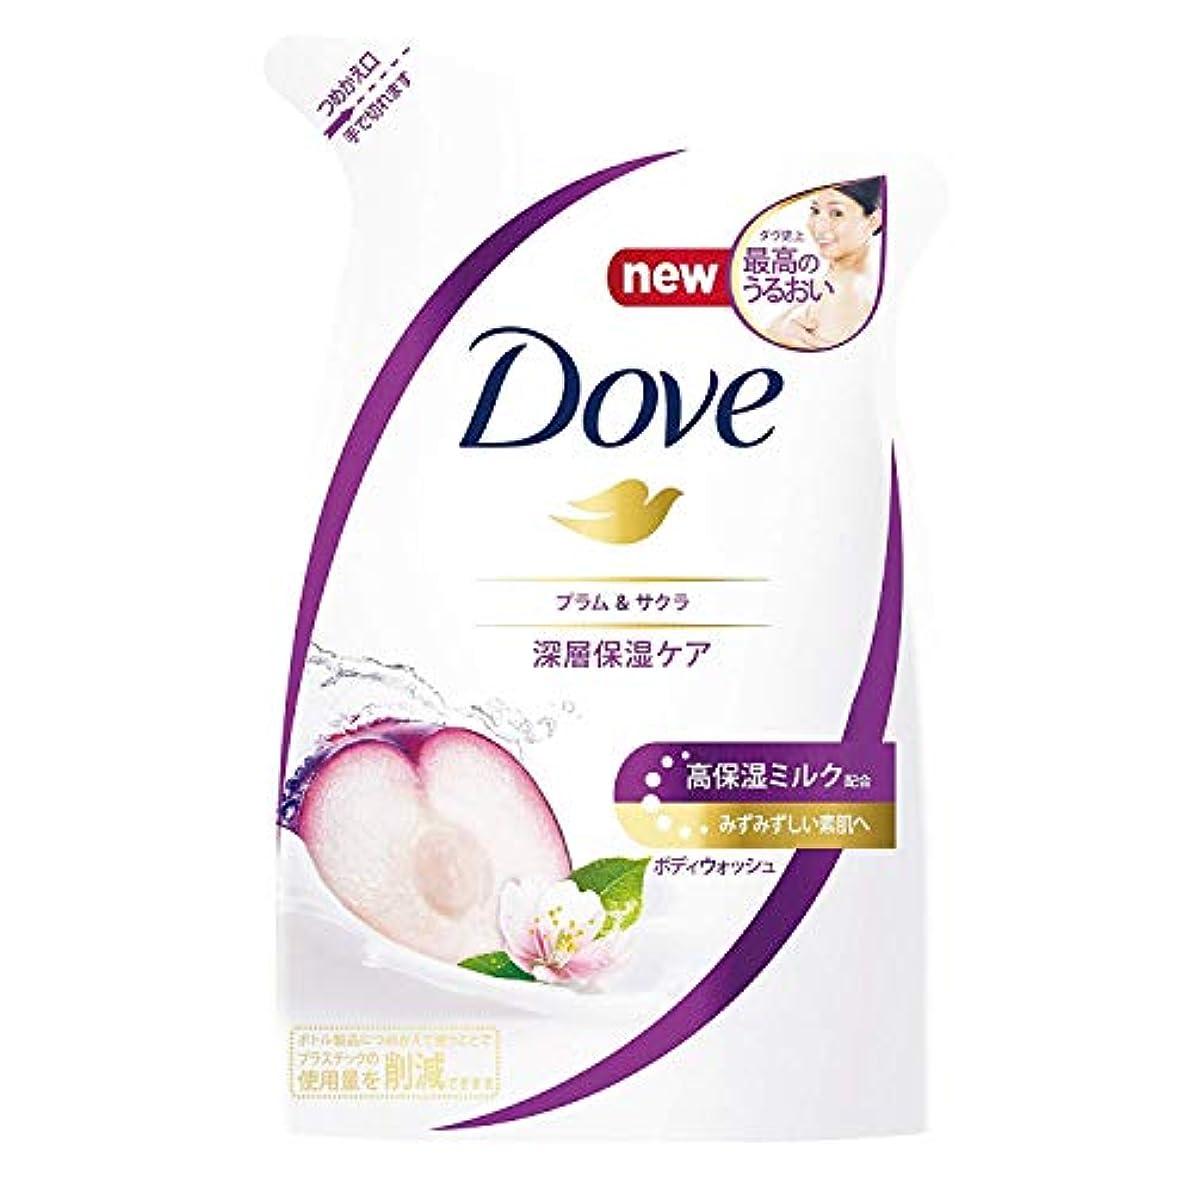 傑作引き算コート【2個セット】Dove ダヴ ボディウォッシュ プラム & サクラ つめかえ用 360g